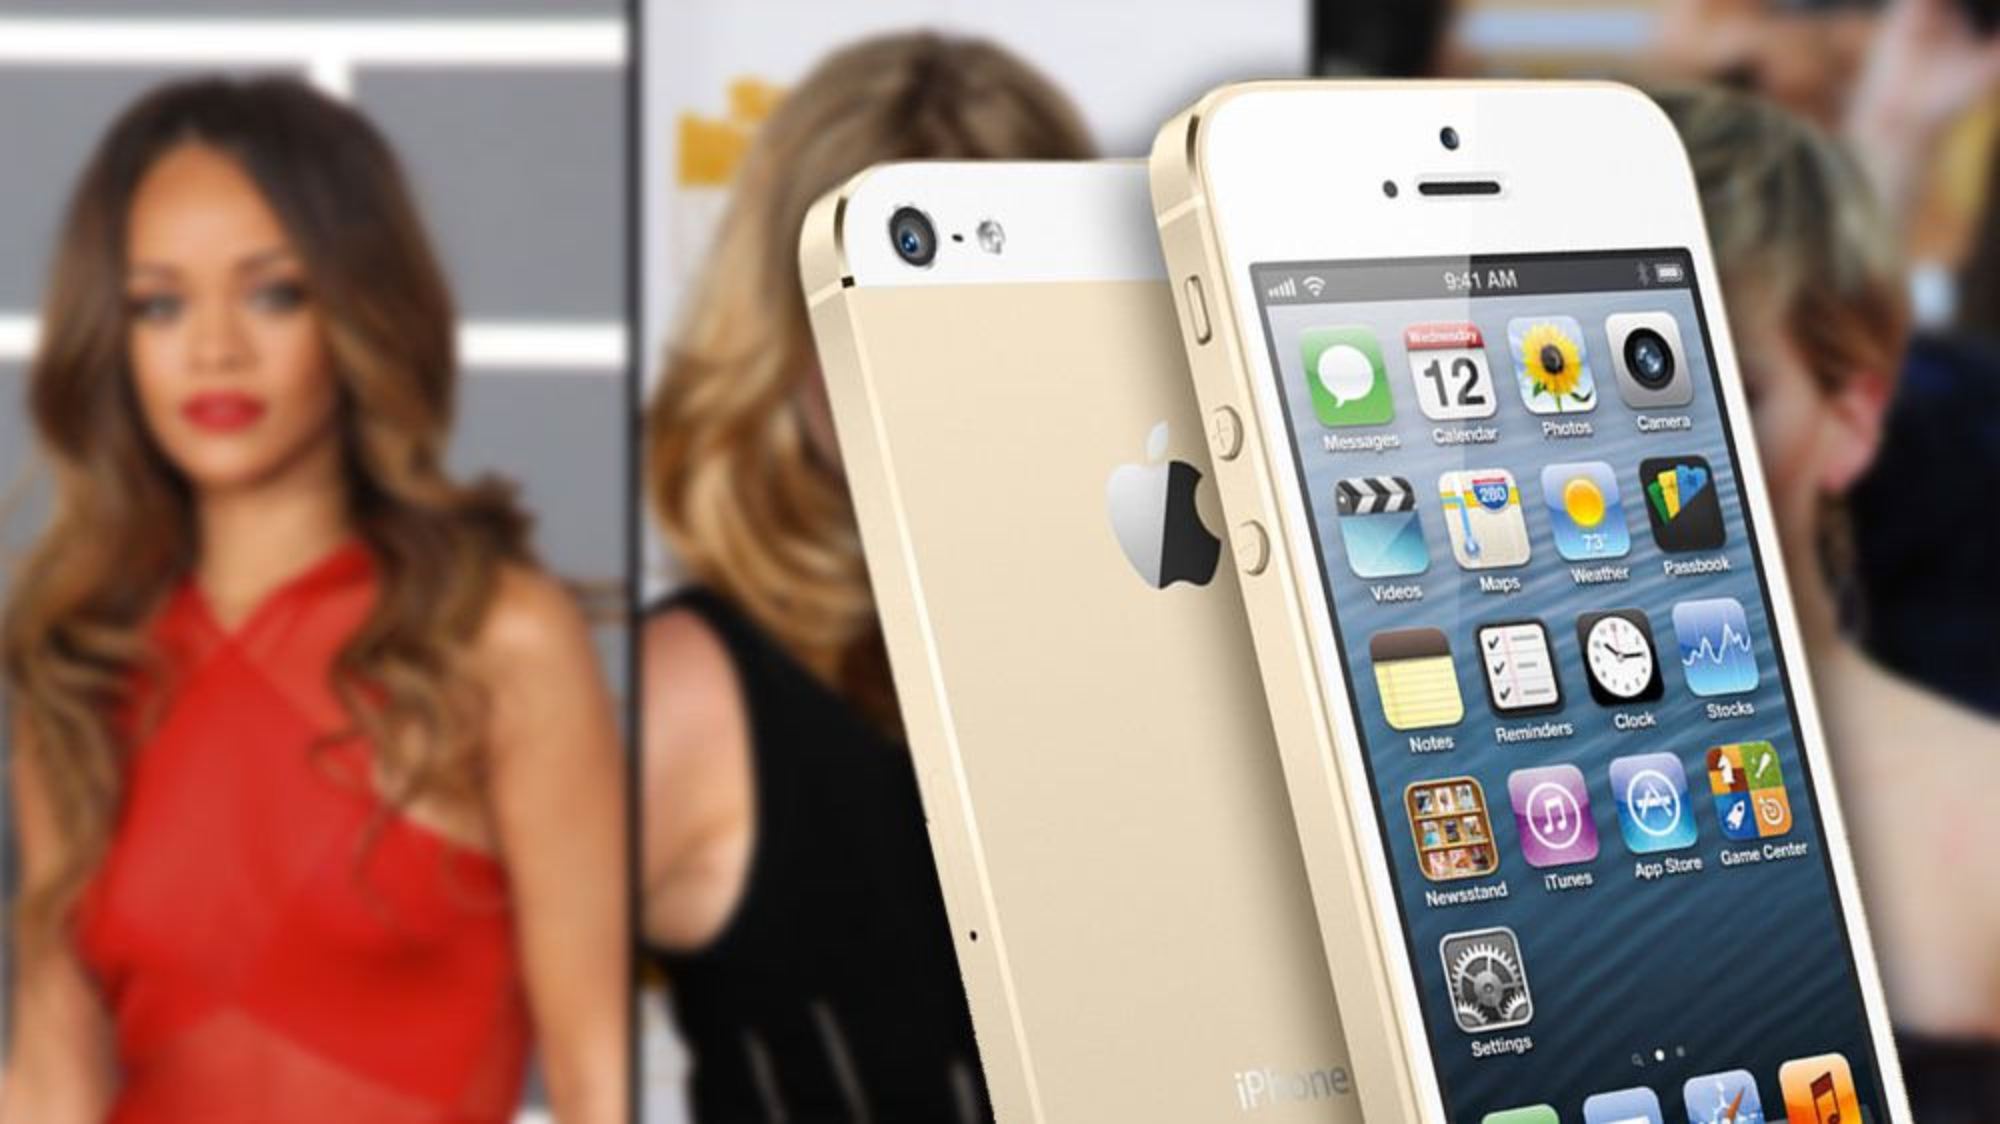 Les Slik beskytter du iPhone-bildene dine fra hackerne